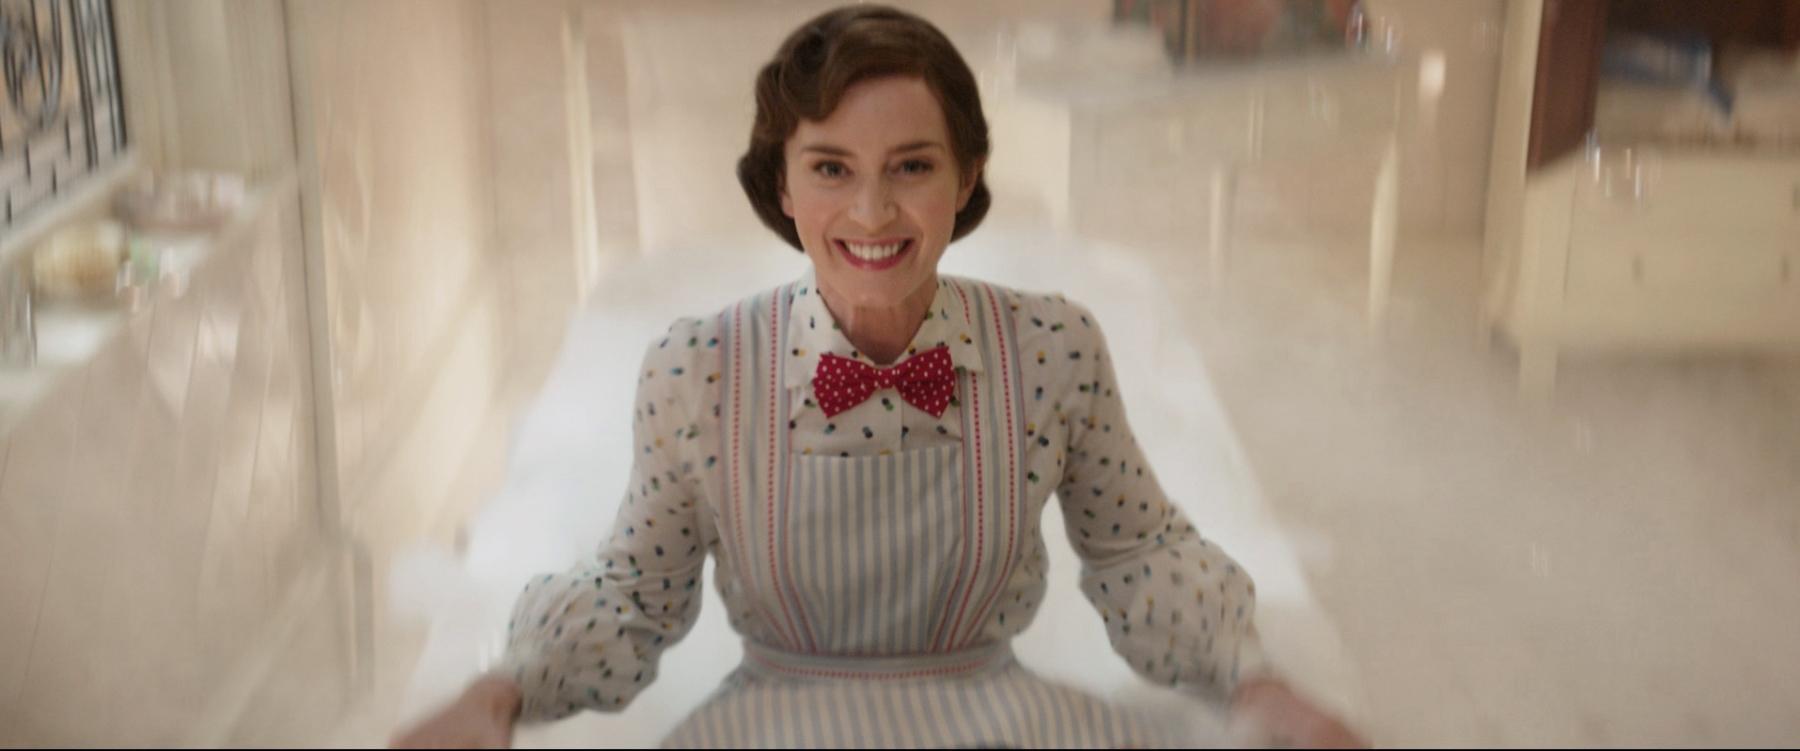 Il Ritorno di Mary Poppins: Emily Blunt è Mary Poppins in una scena del film